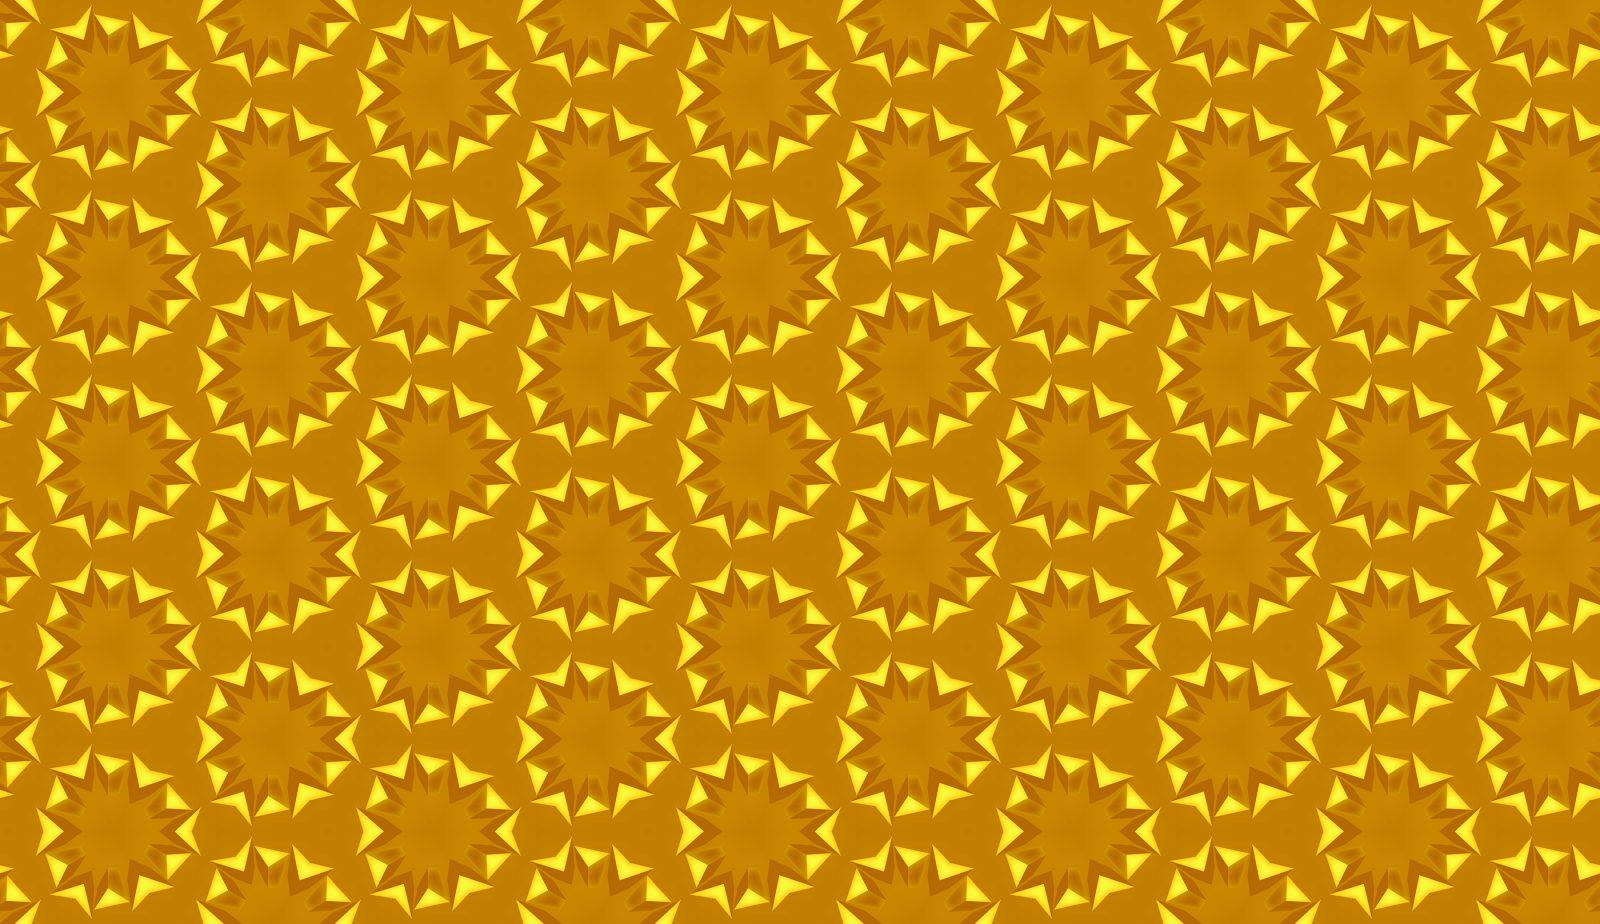 Golden Circular Sunflower Pattern